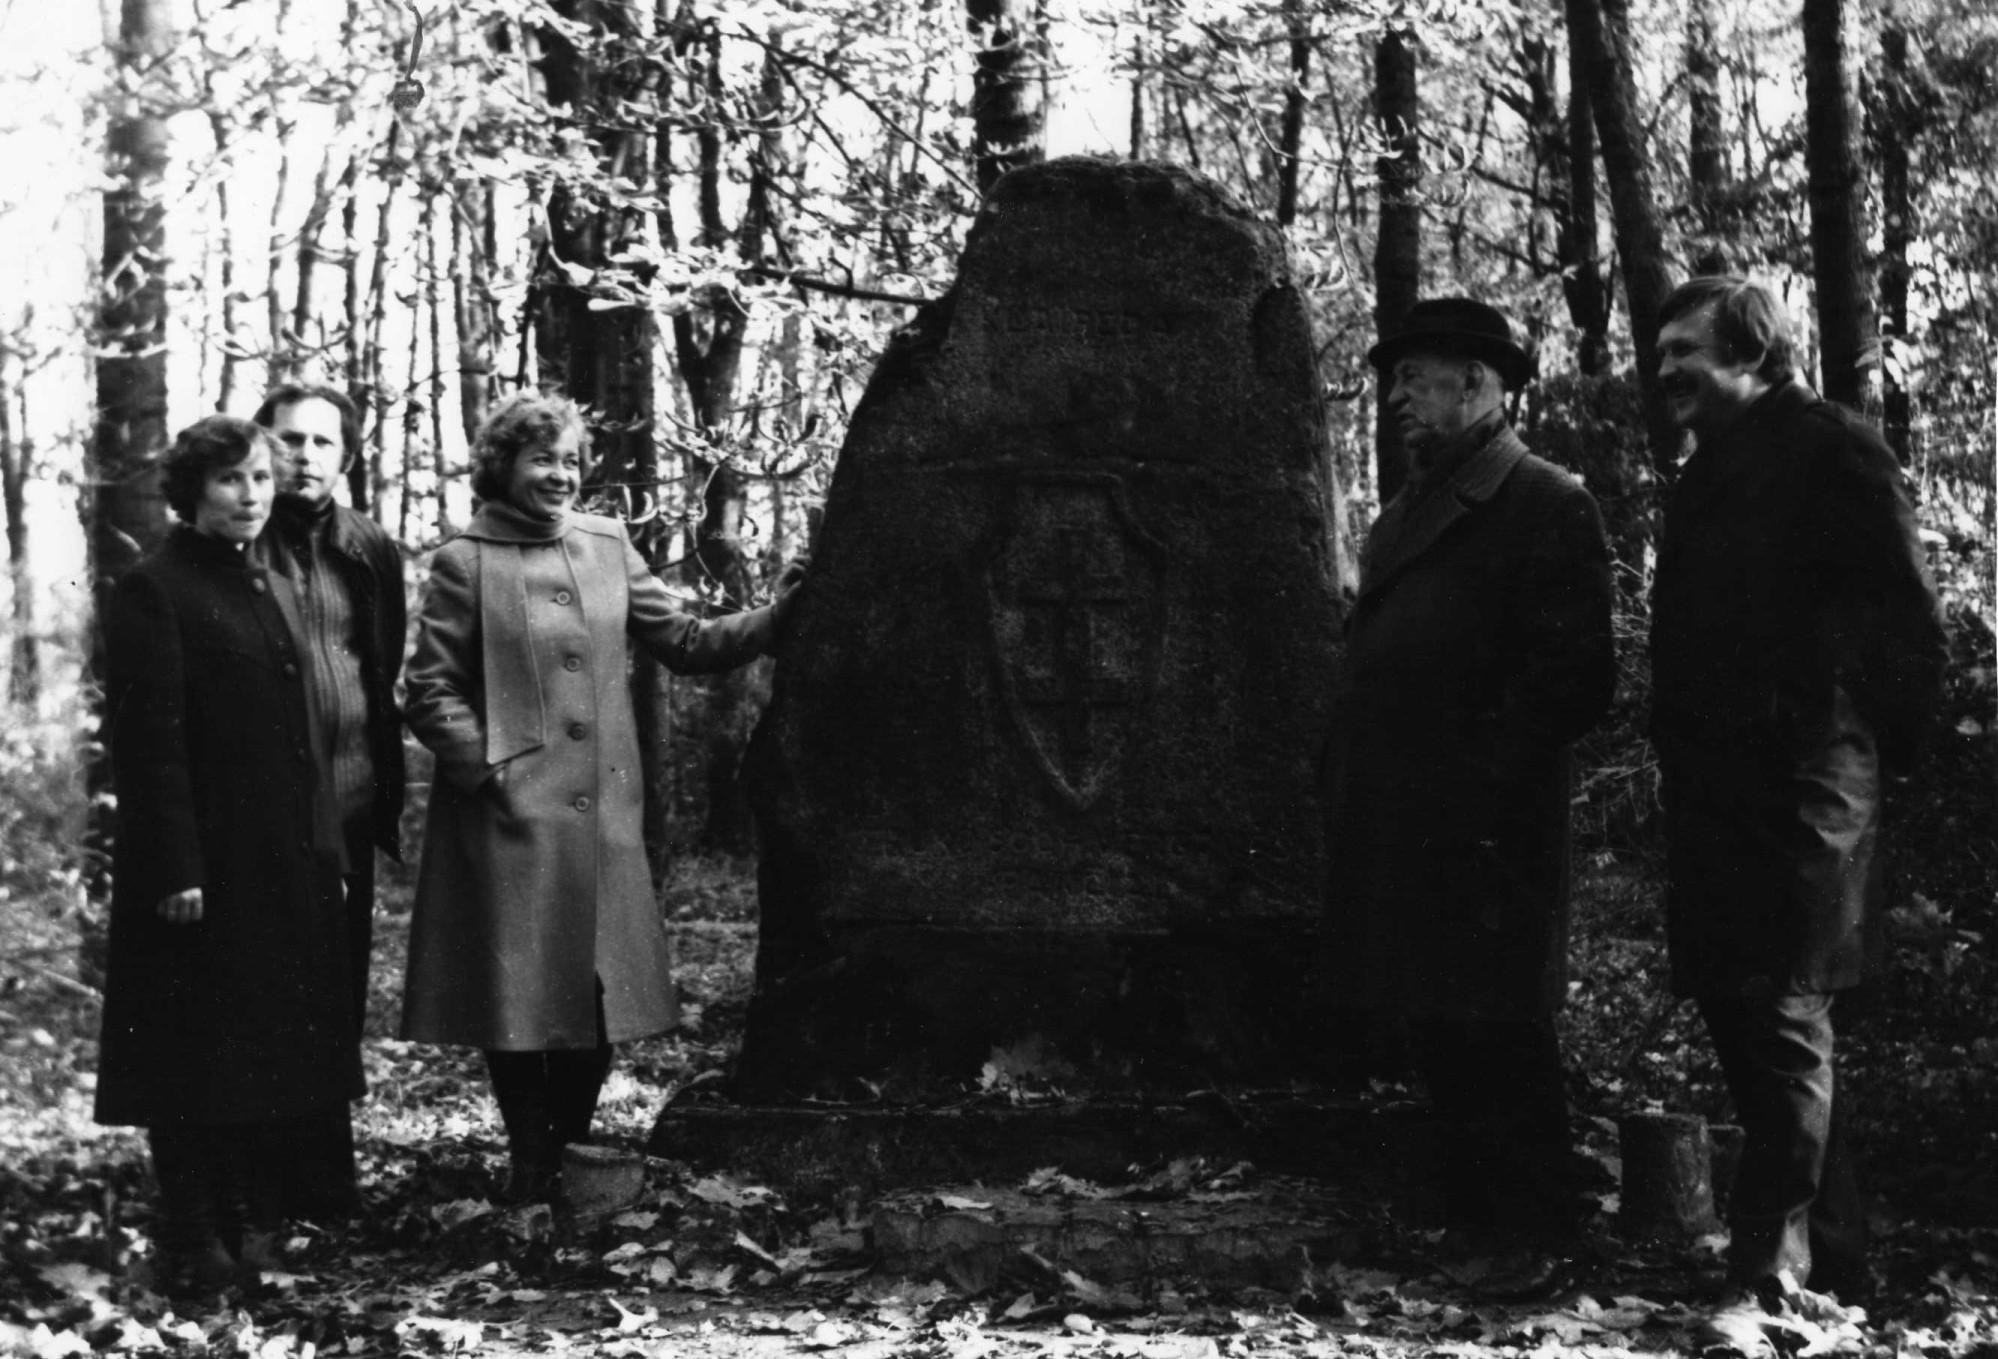 Prie paminklinio akmens Akademijos miestelyje. Profesorius, agronomas Petras Vasinauskas stovi antras iš dešinės. 1978 m.